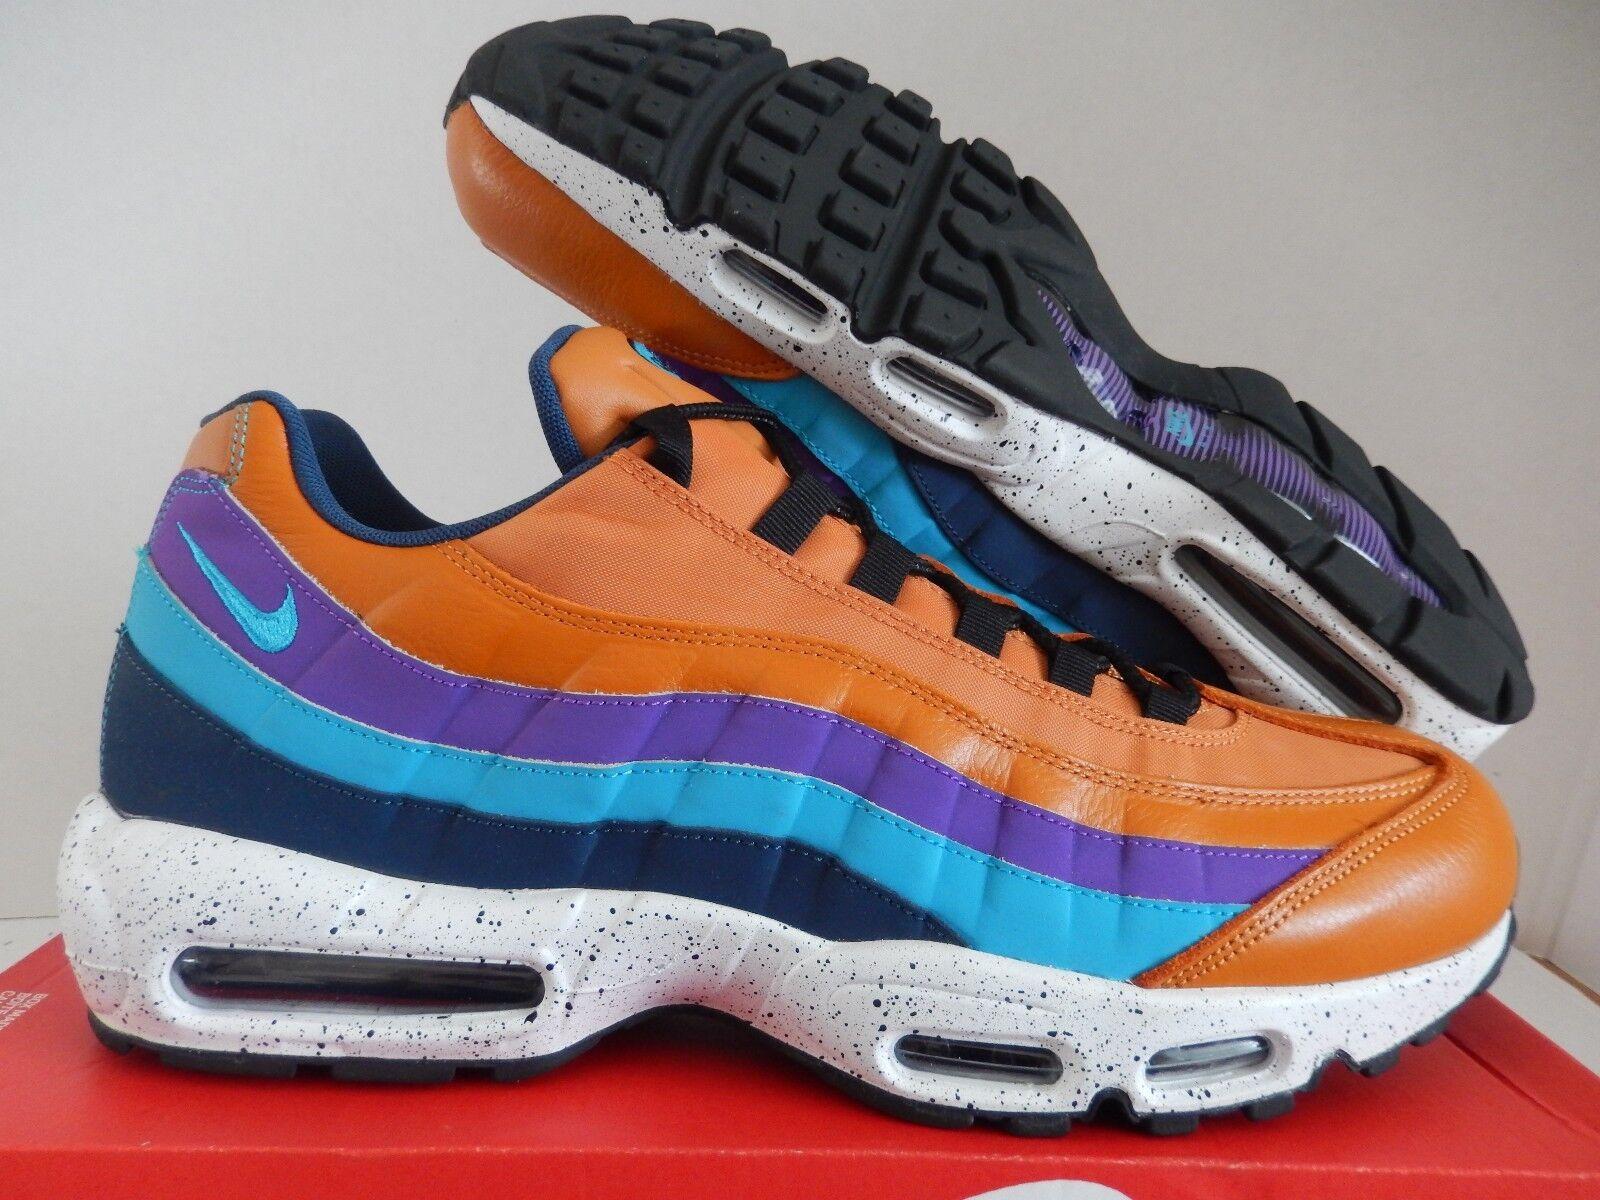 Nike air max 95 premio esterni confezione monarca brown-blue sz 13 [538416-800]